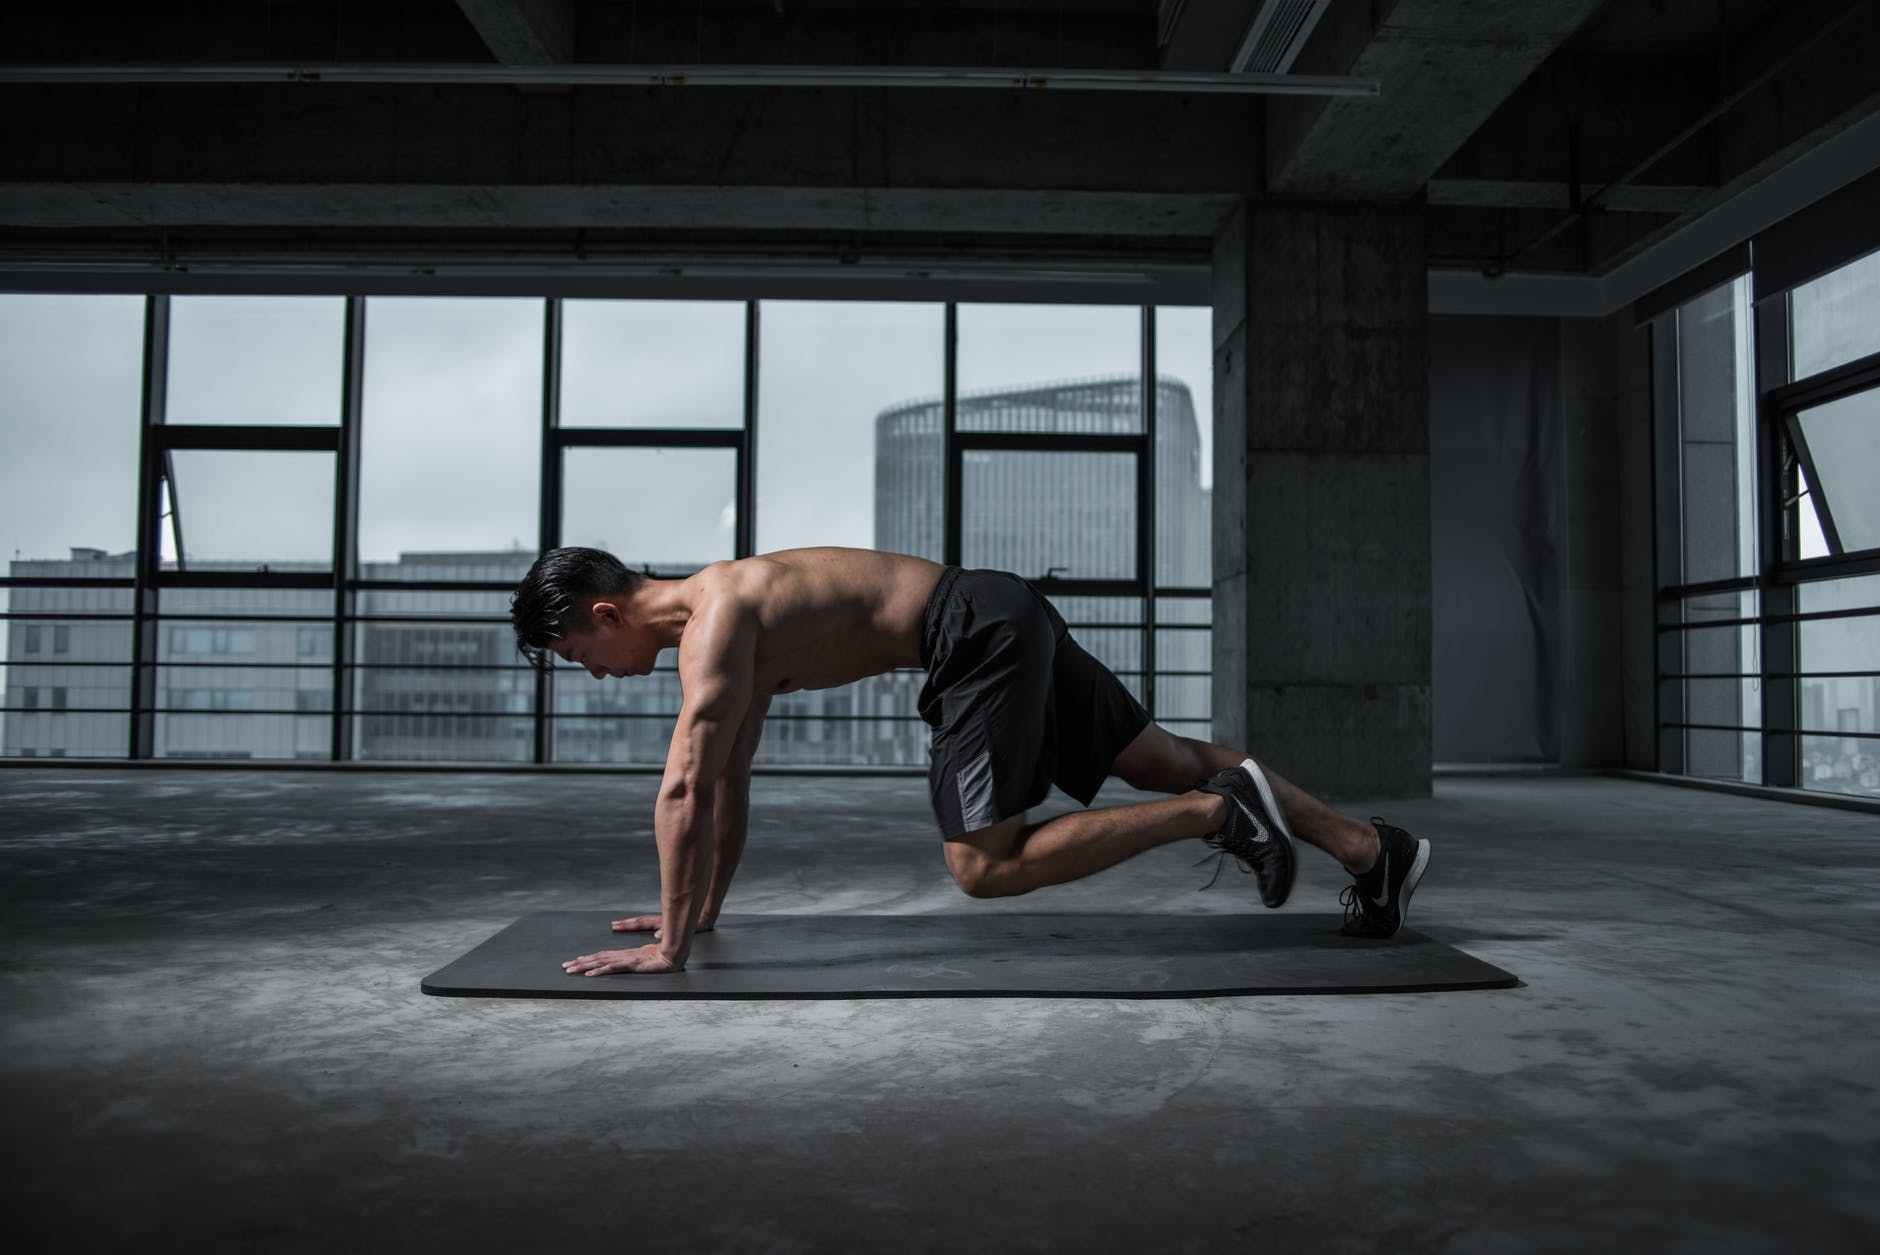 新手健身,先增肌还是先减脂,先有氧还是先力量?_训练 高级健身 第3张